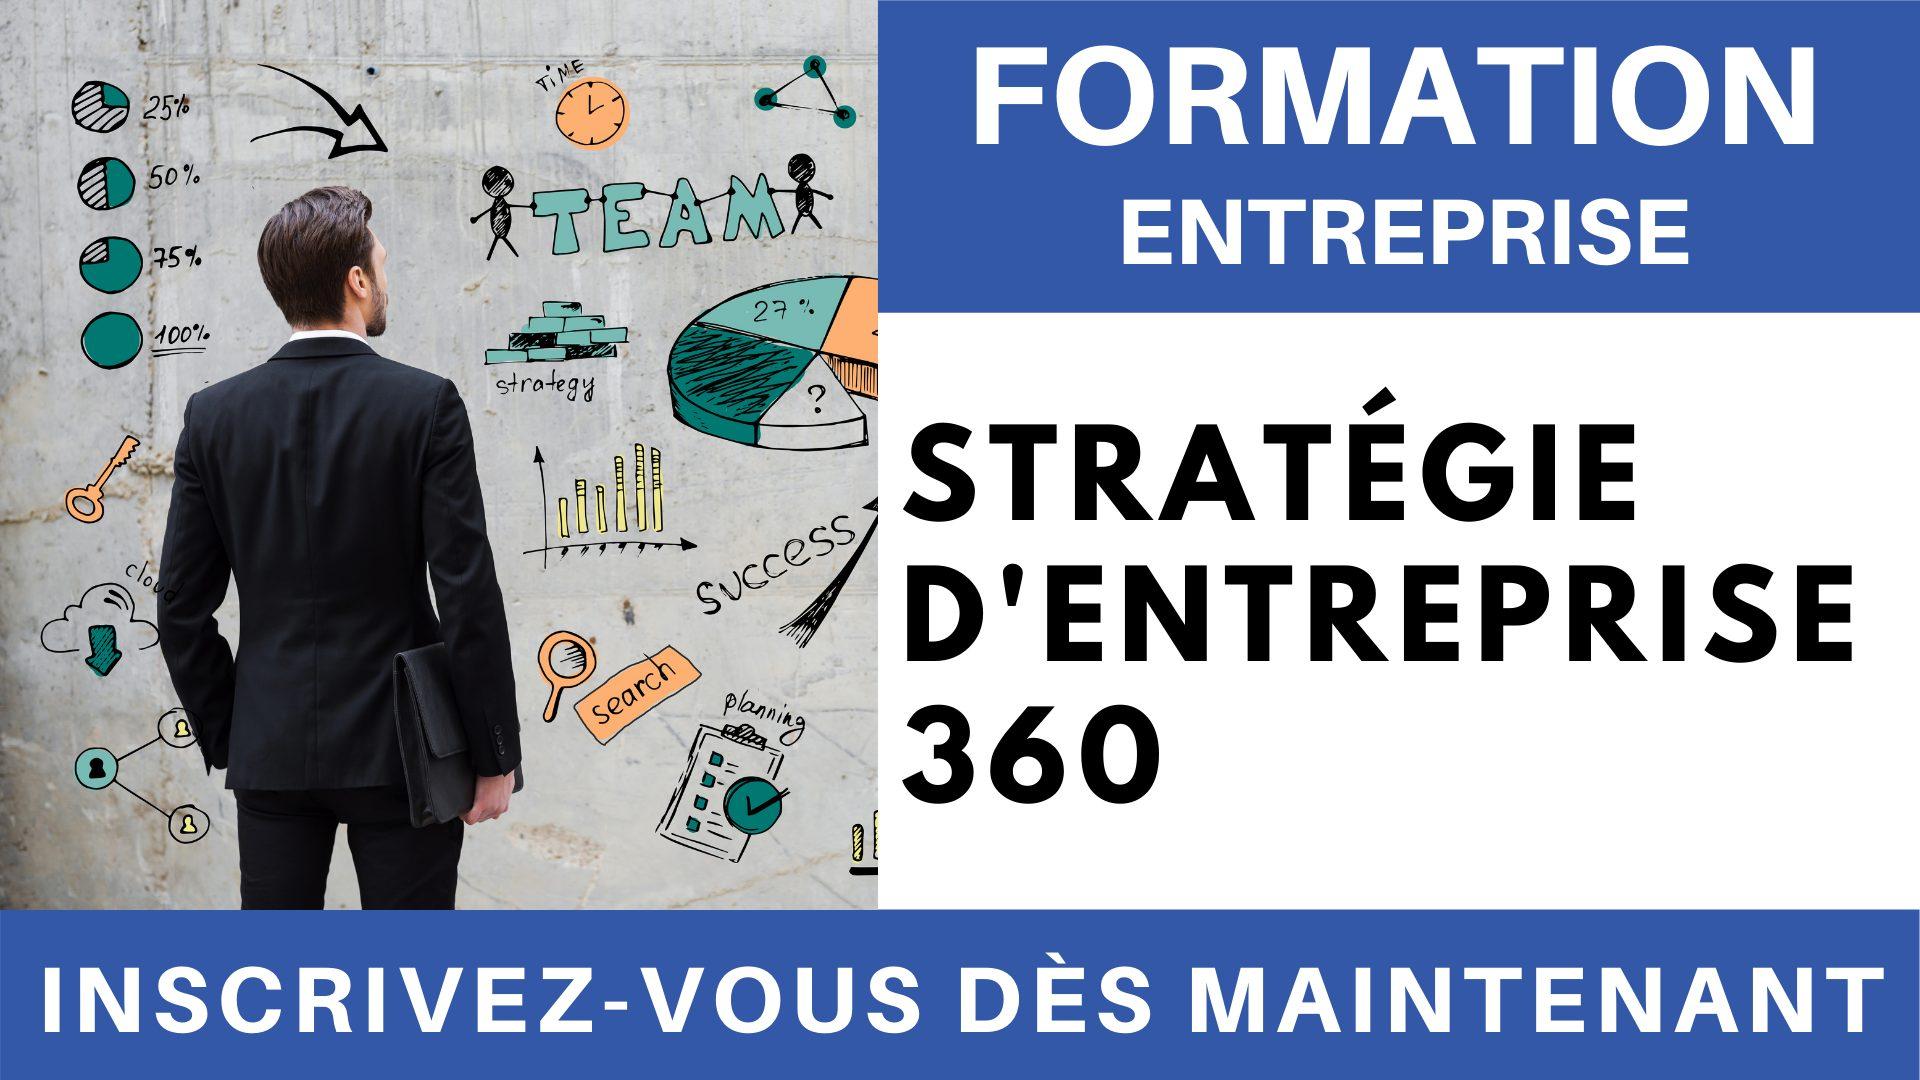 Formation Entreprise - stratégie d'entreprise 360